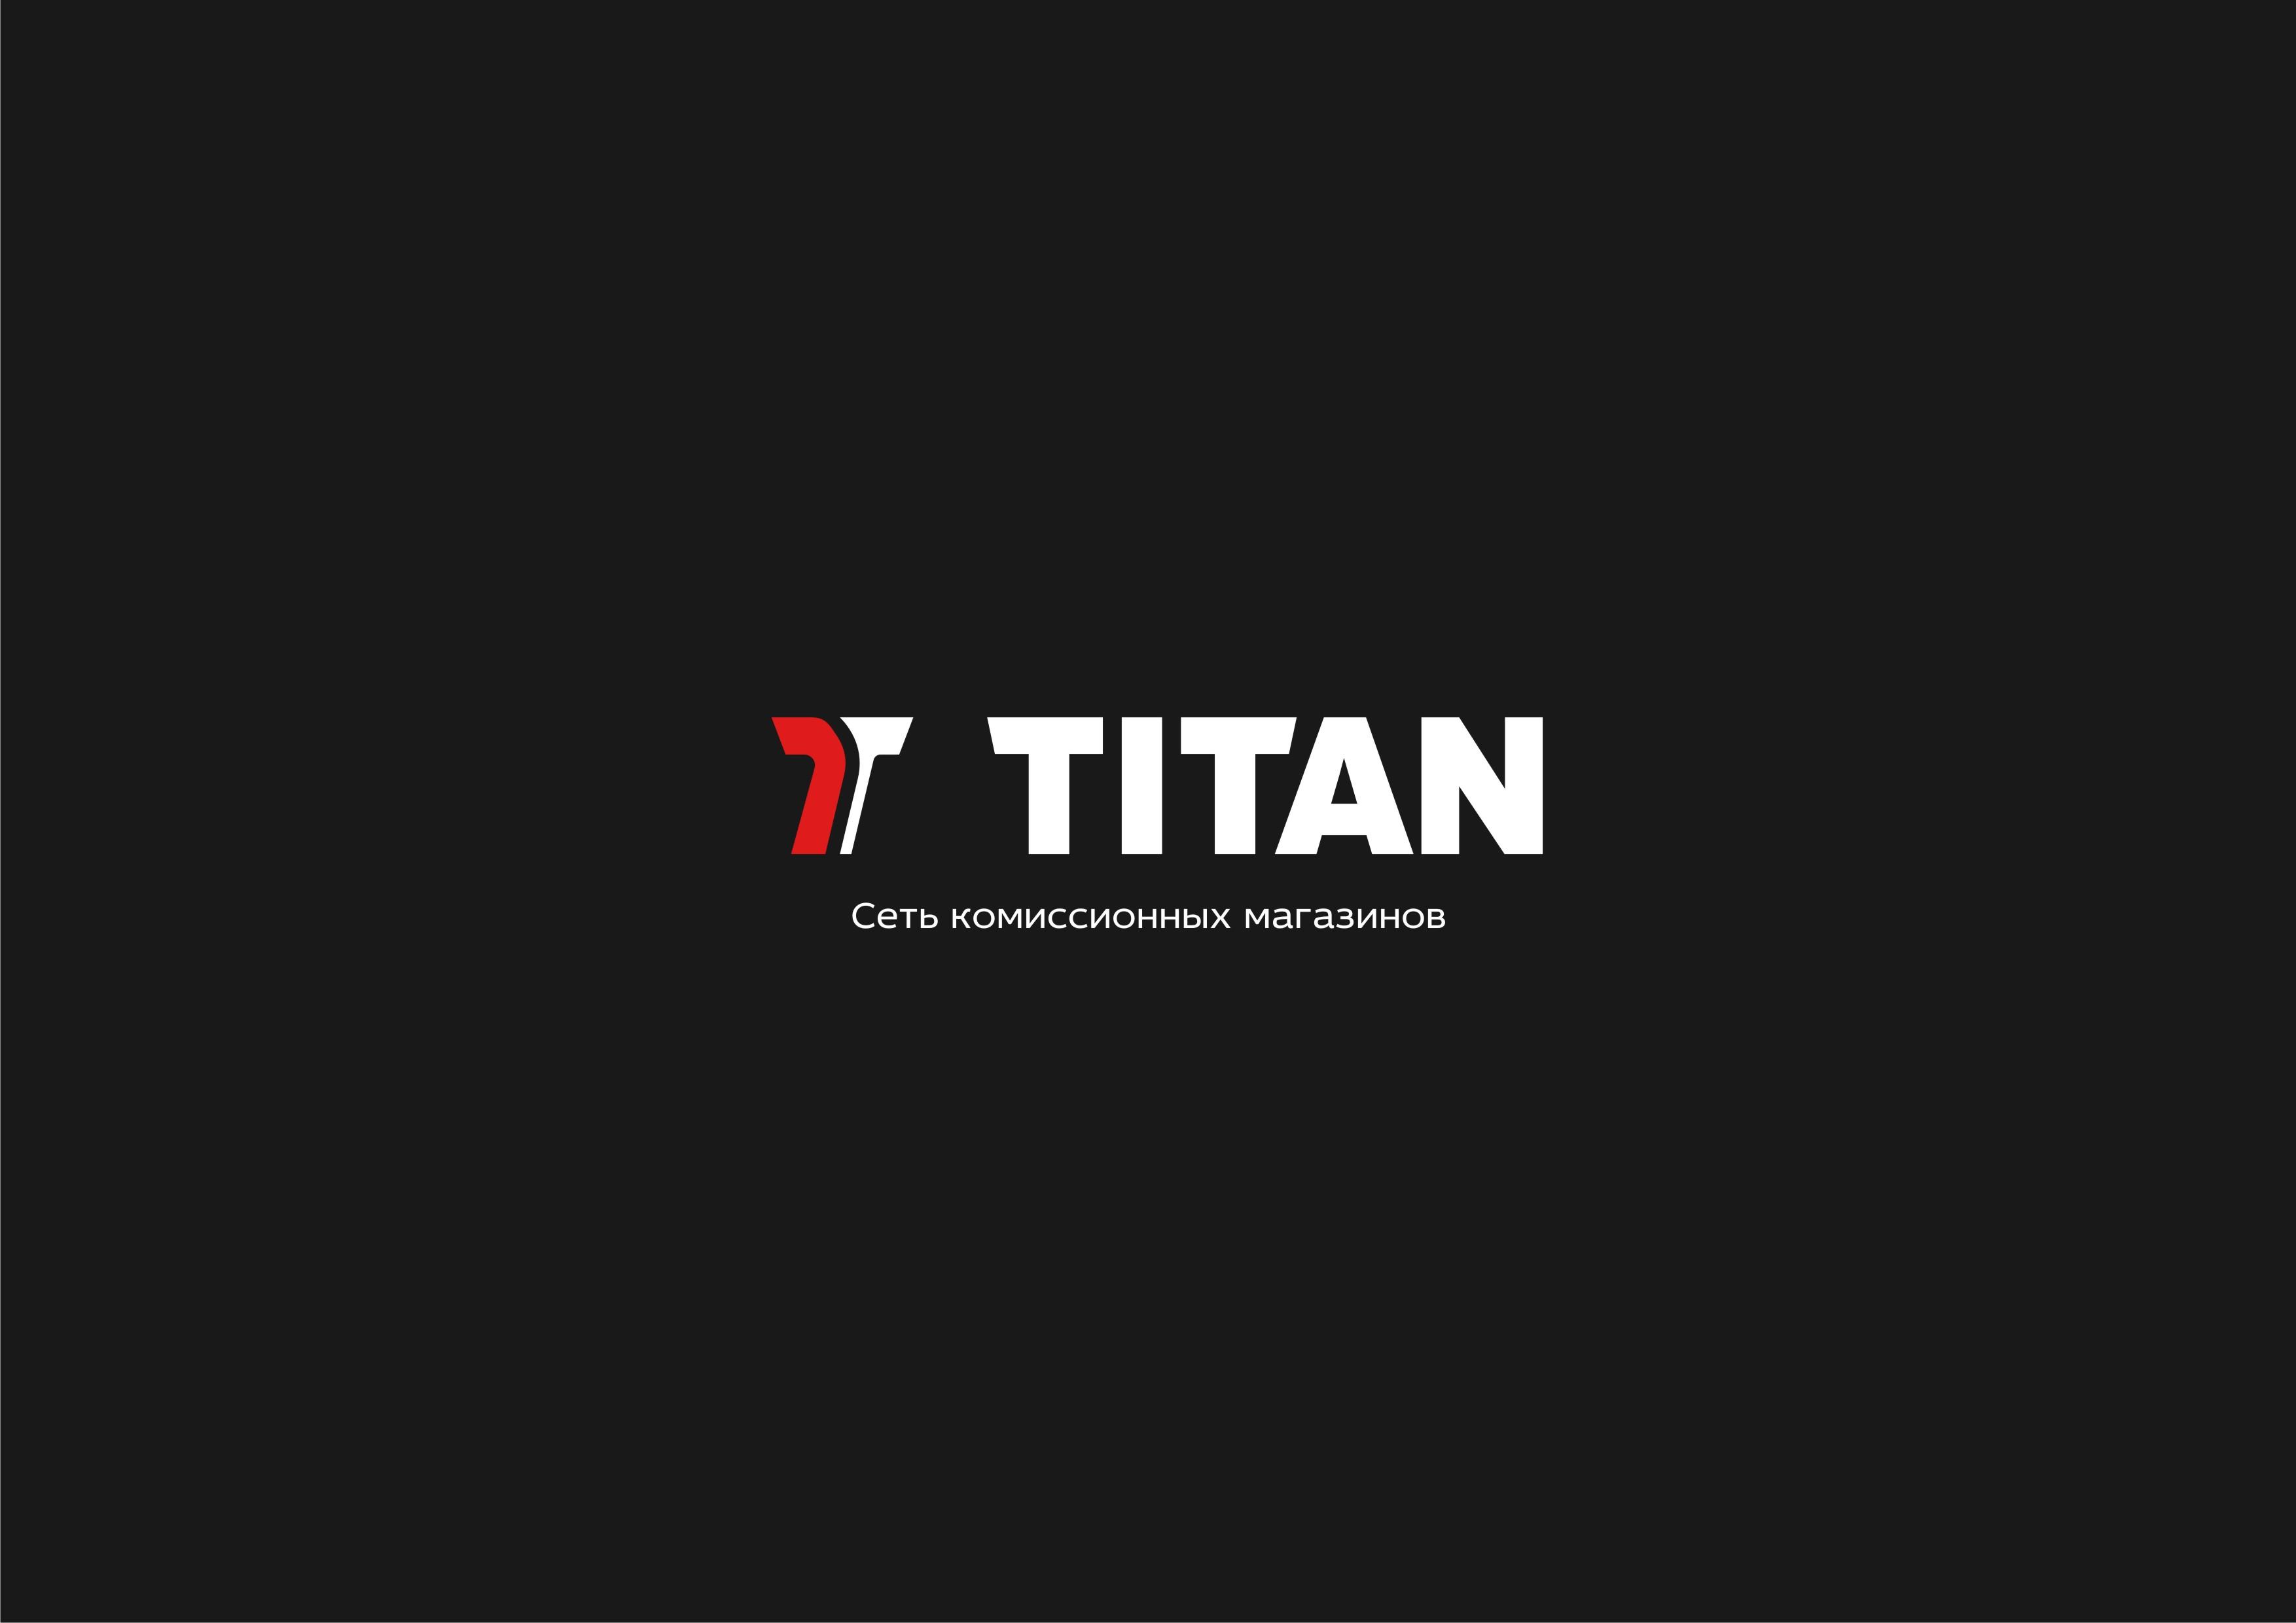 Разработка логотипа (срочно) фото f_4775d49e0398a919.jpg